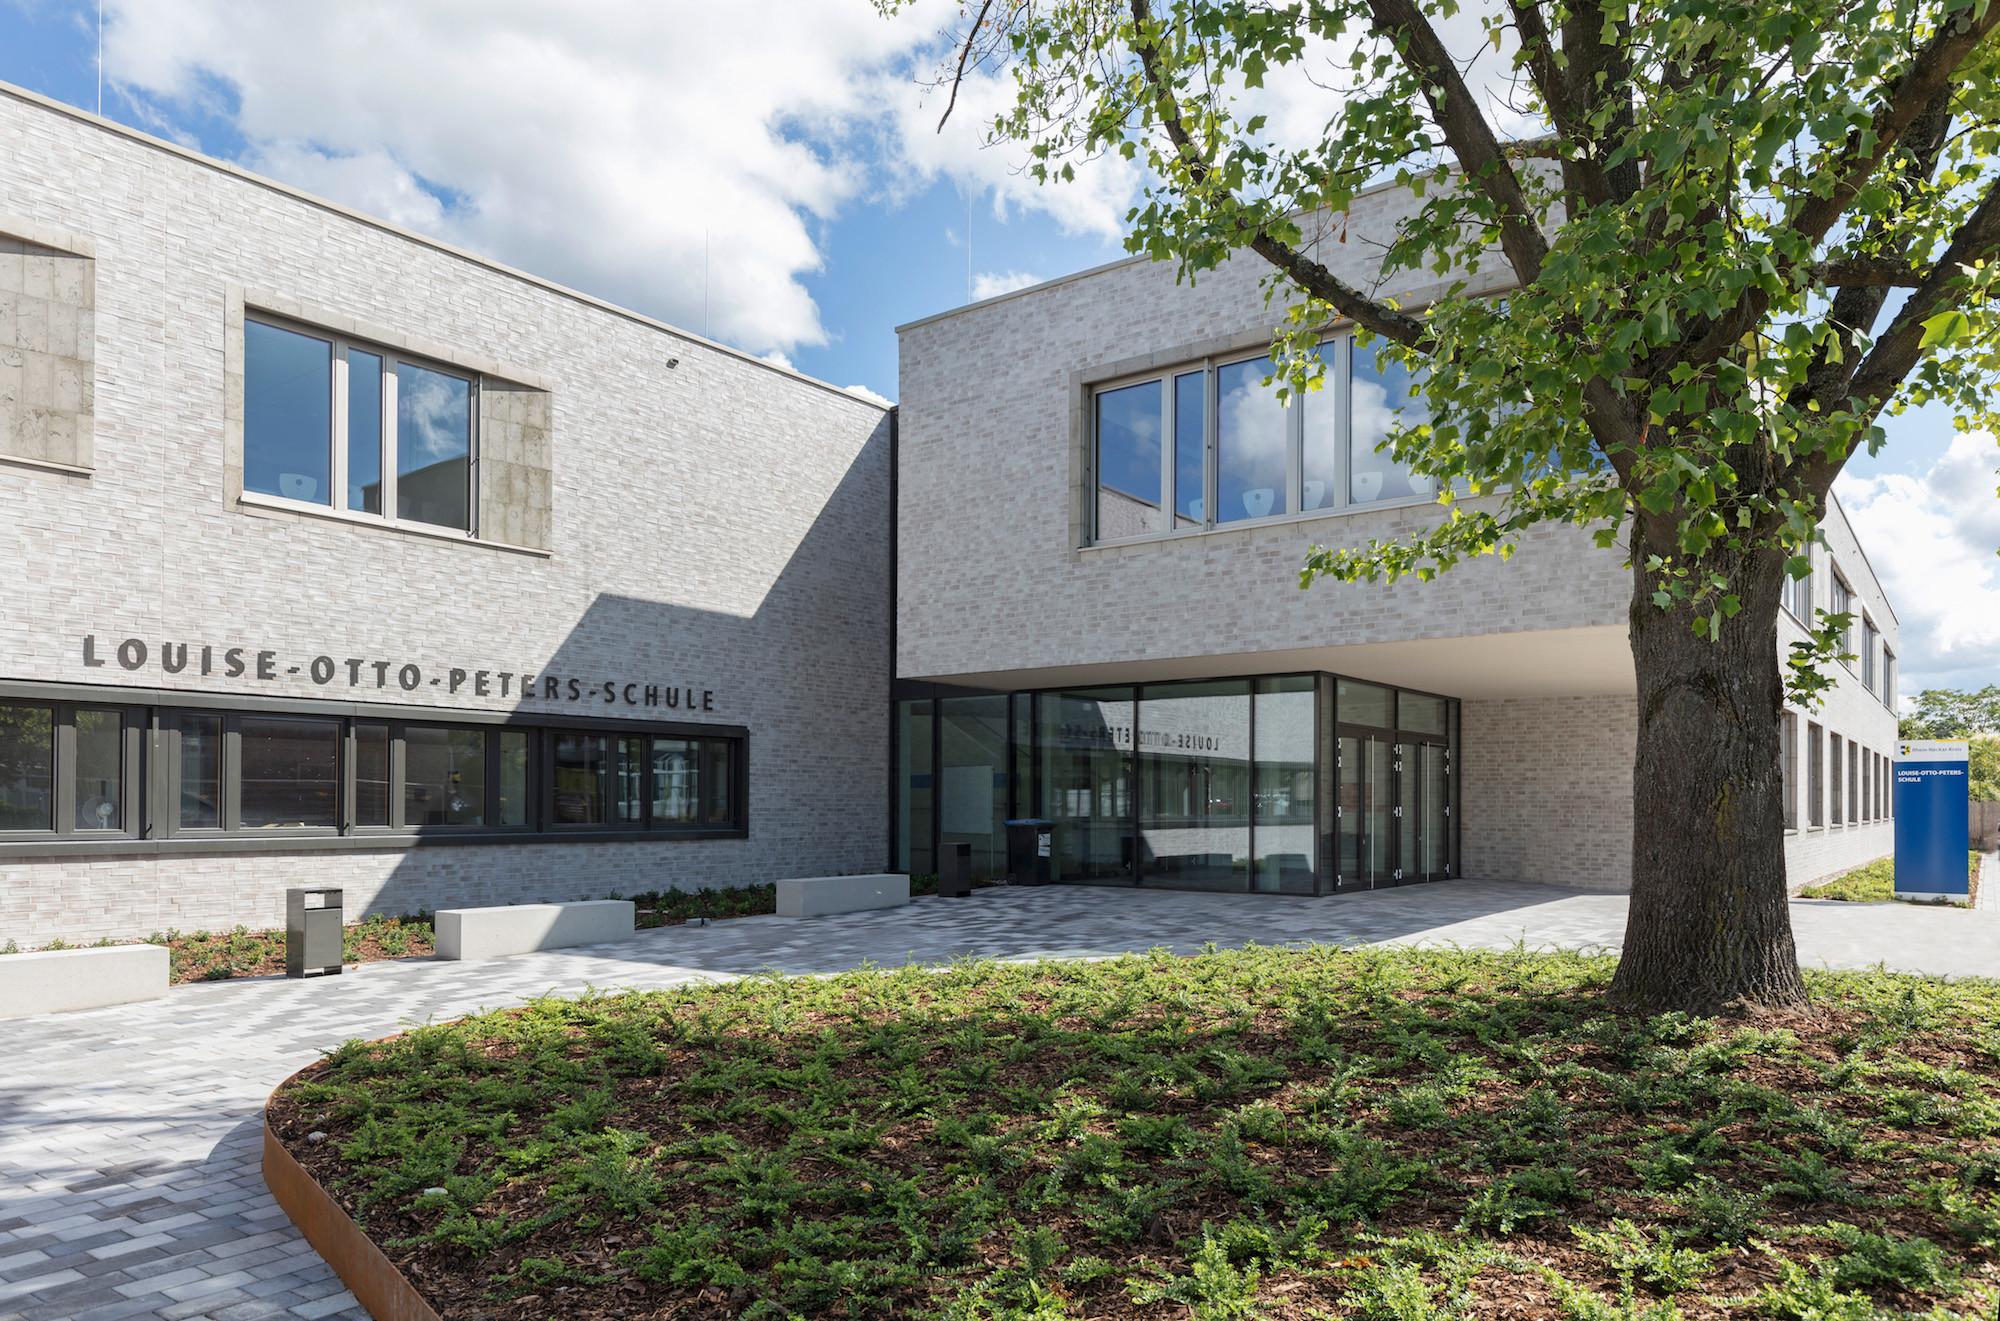 Roth Architekten louise otto peters schule in hockenheim heizung kultur bildung baunetz wissen